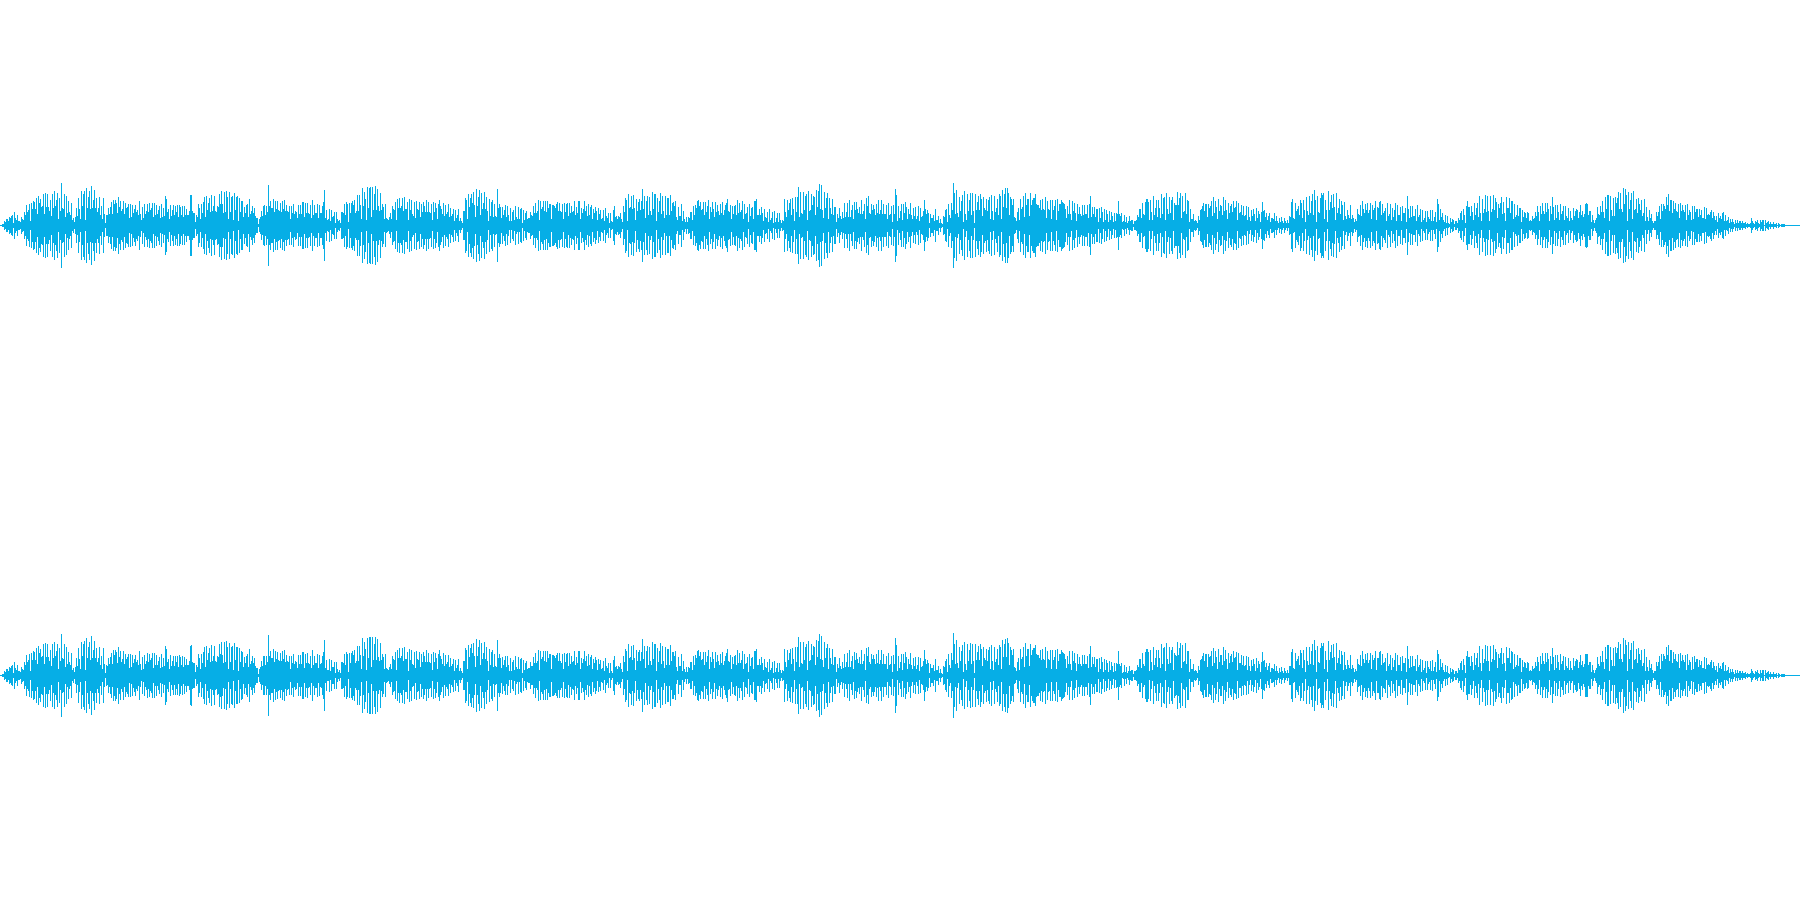 【特殊音】猫のゴロゴロ声の再生済みの波形